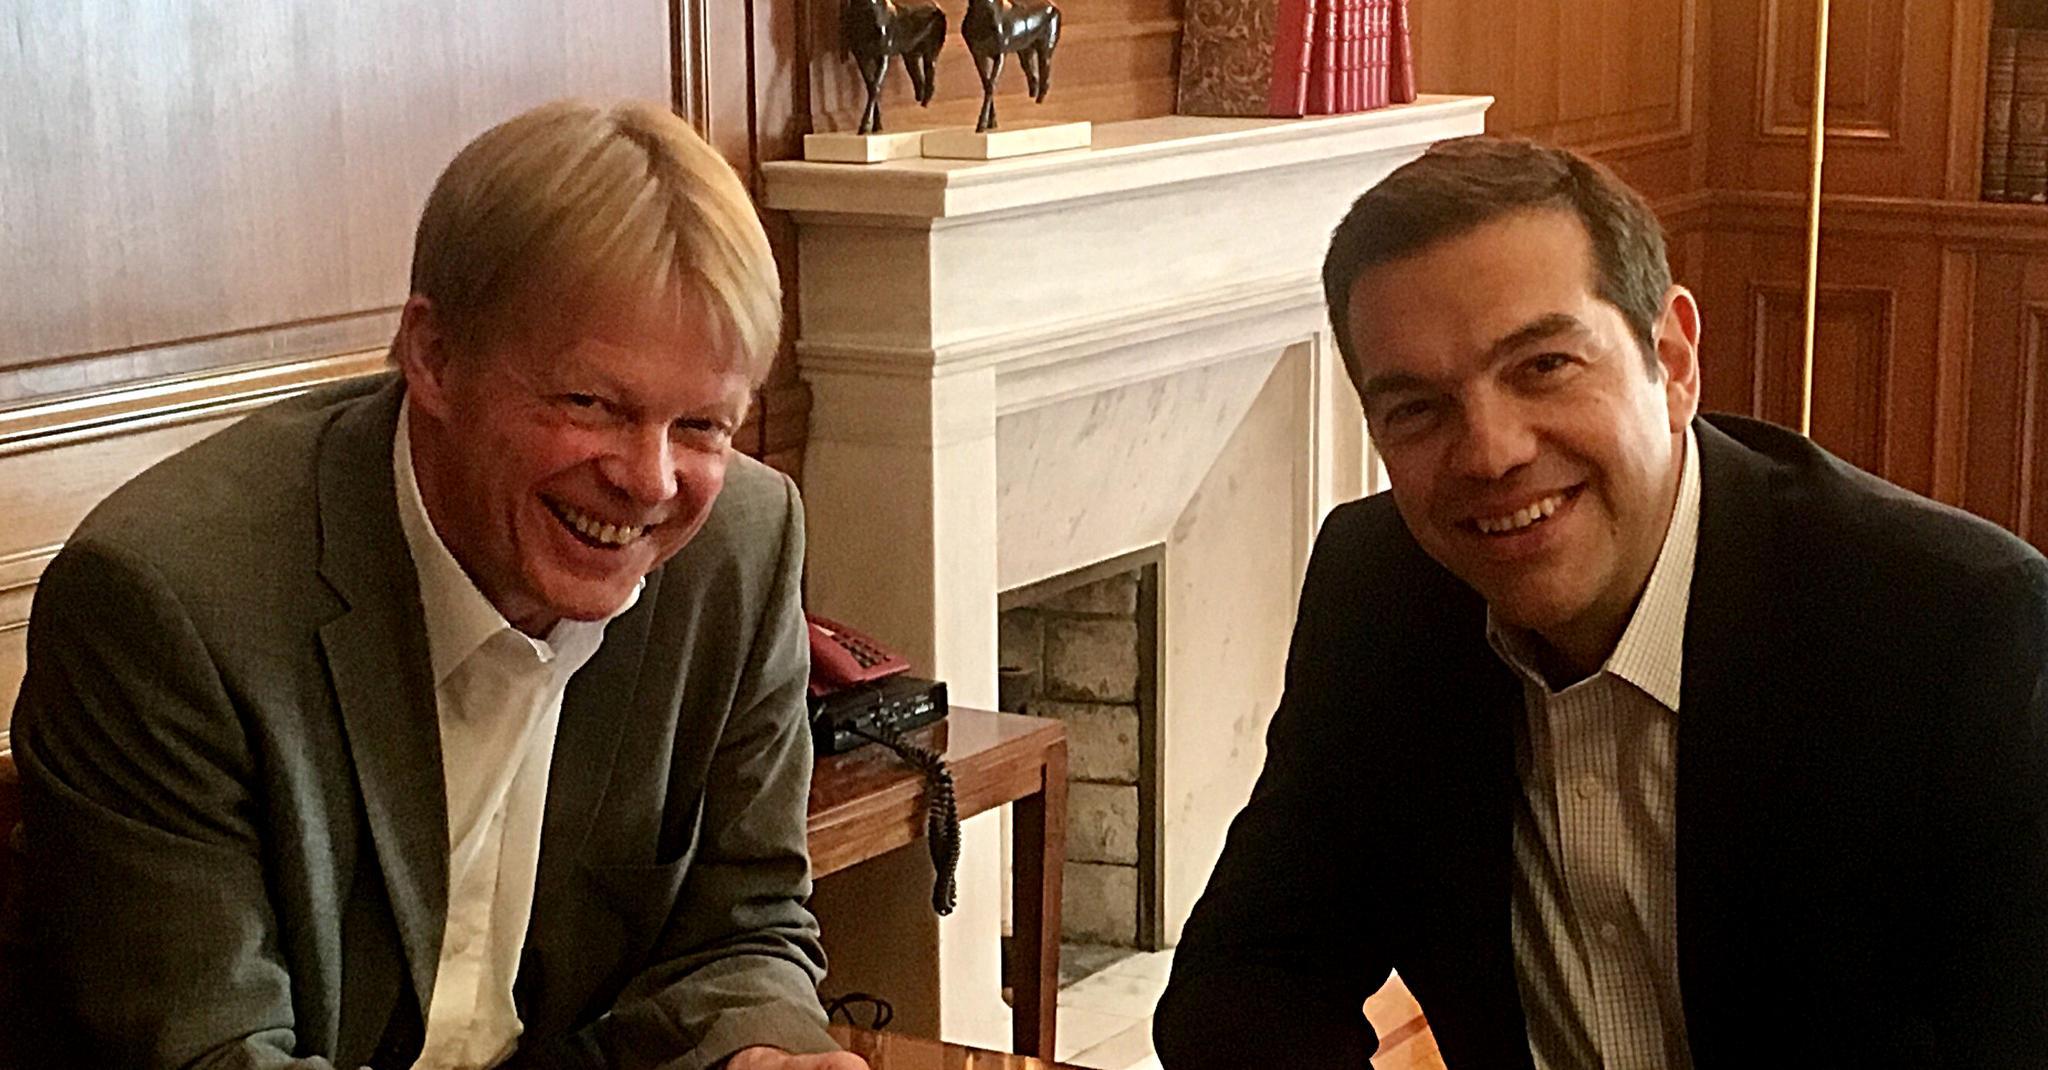 Der DGB-Vorsitzende Reiner Hoffmann und der griechische Ministerpräsident Alexis Tsipras; nebeneinander an Tisch sitzend; lächelnd in Kamera schauend